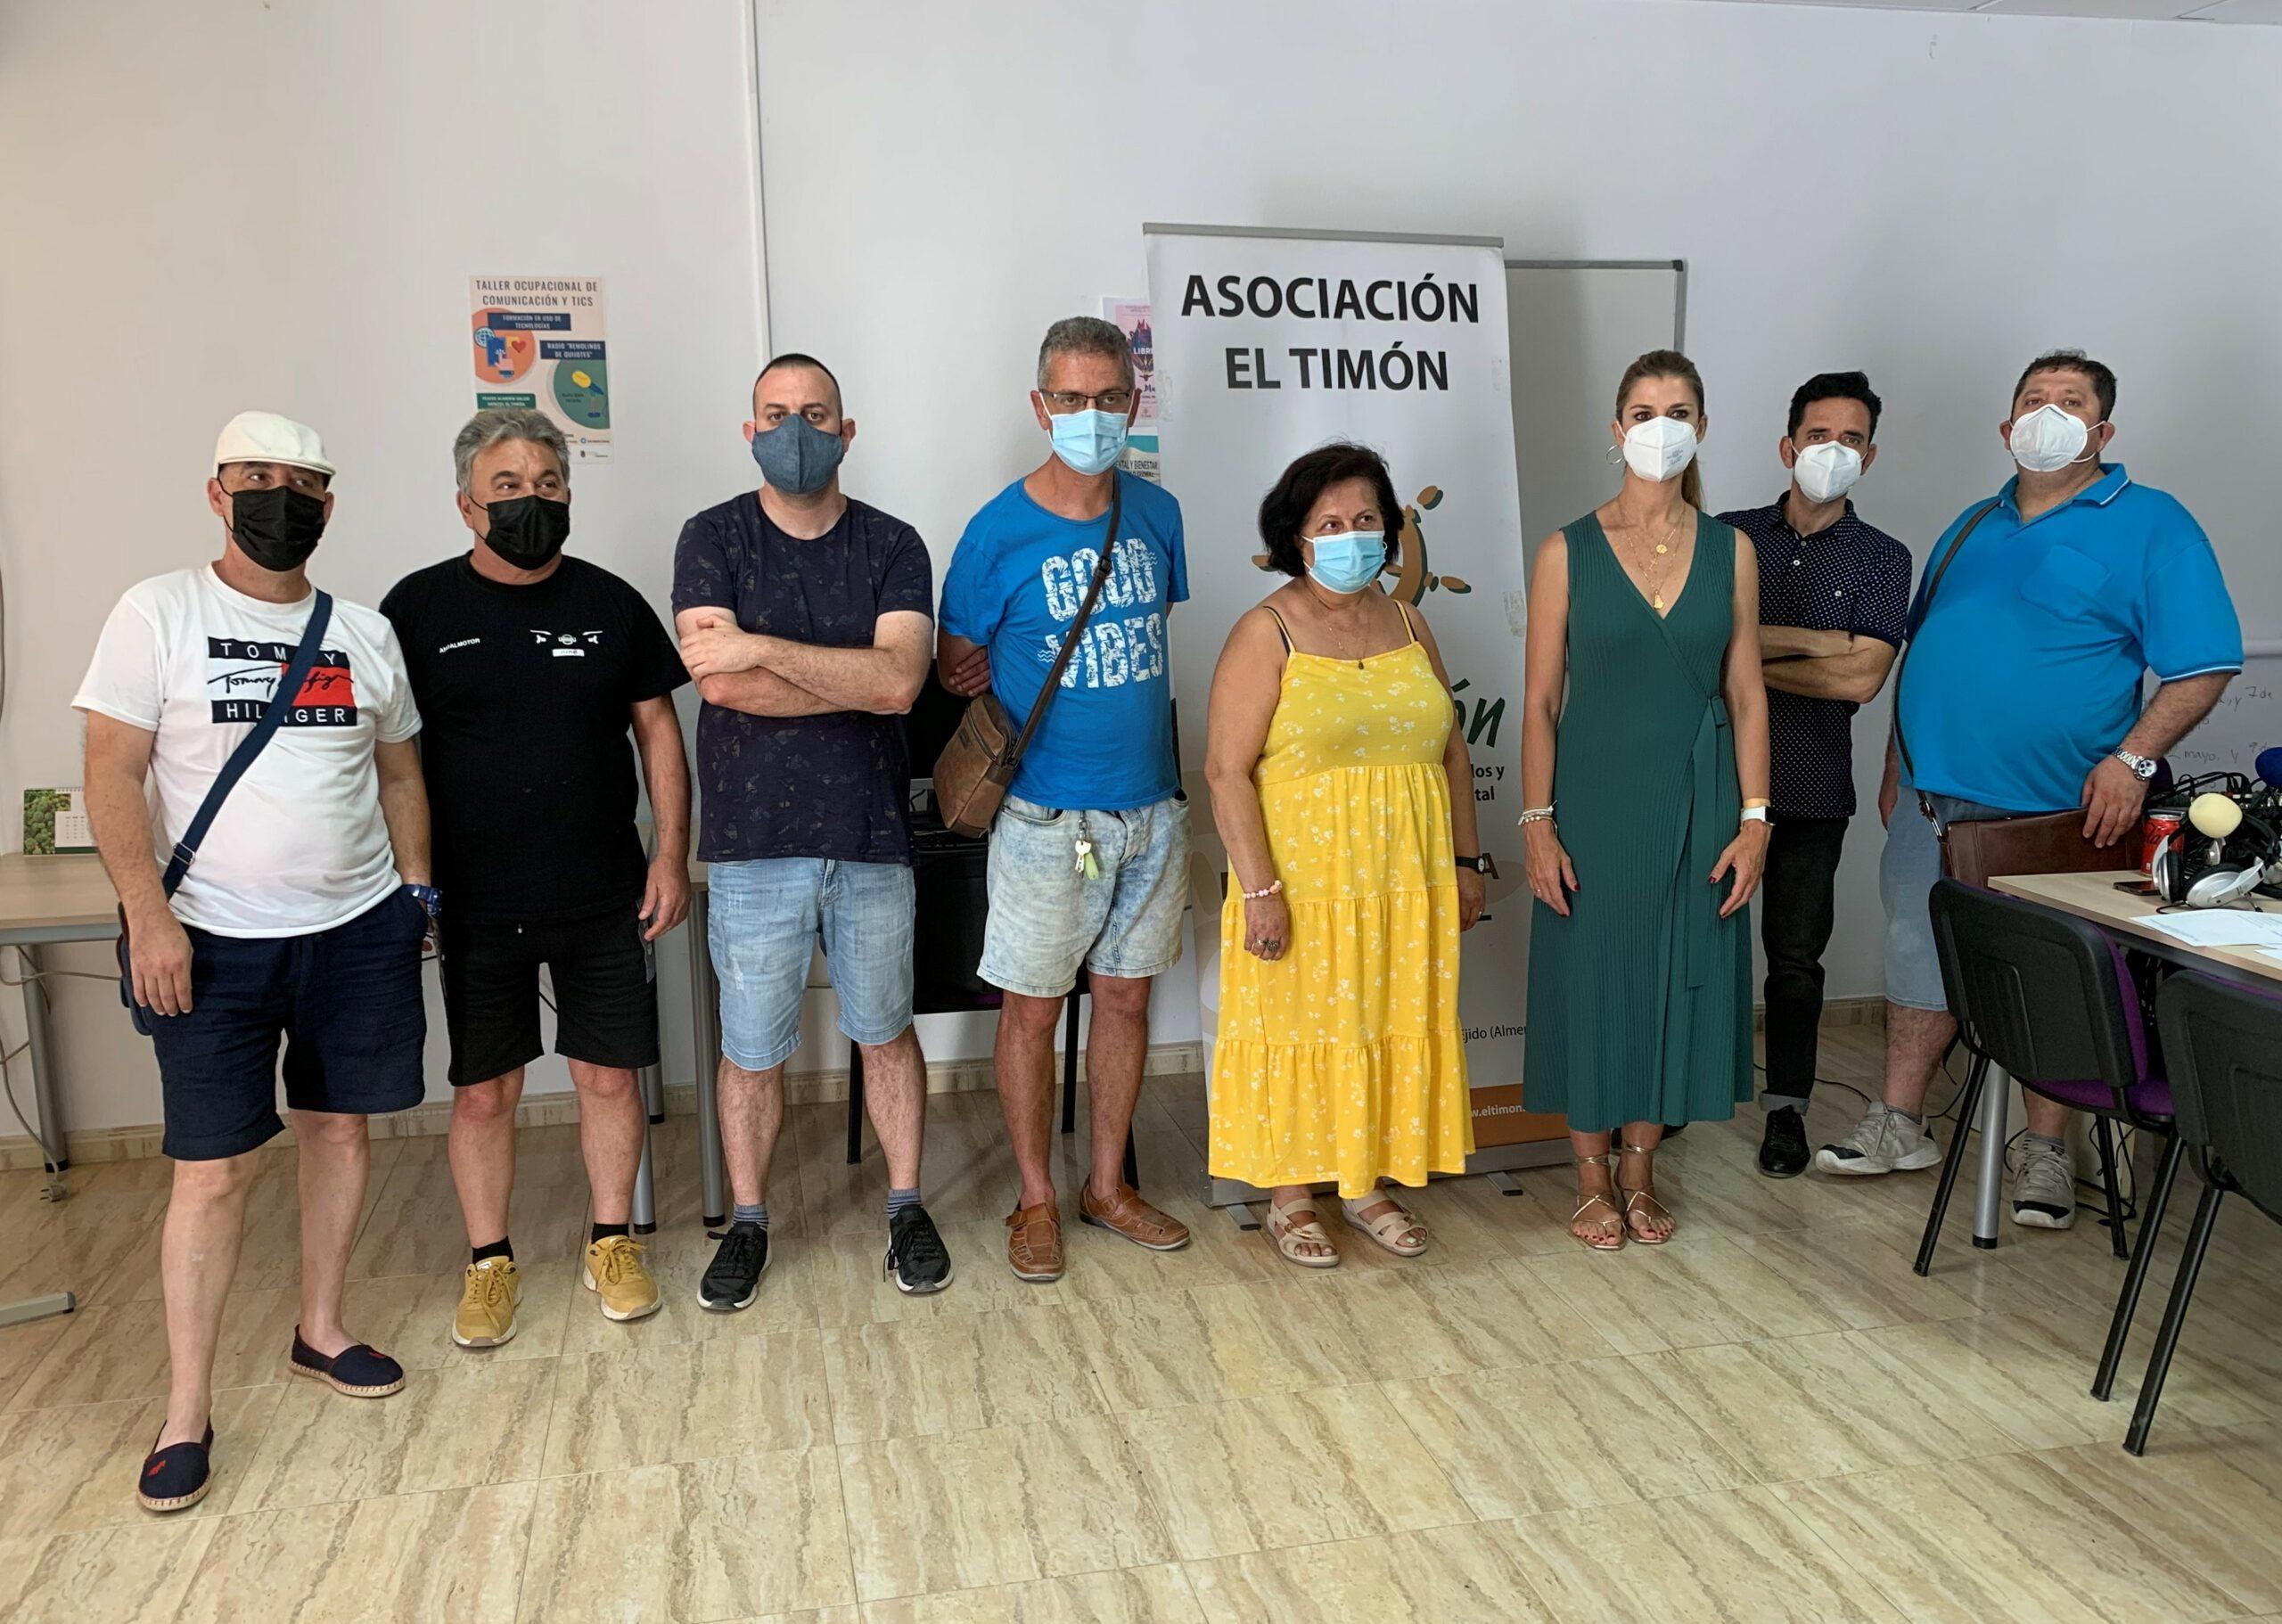 'Remolinos de Quijotes' de Radio Ejido despide la temporada con un programa especial y entrega de diplomas a los participantes